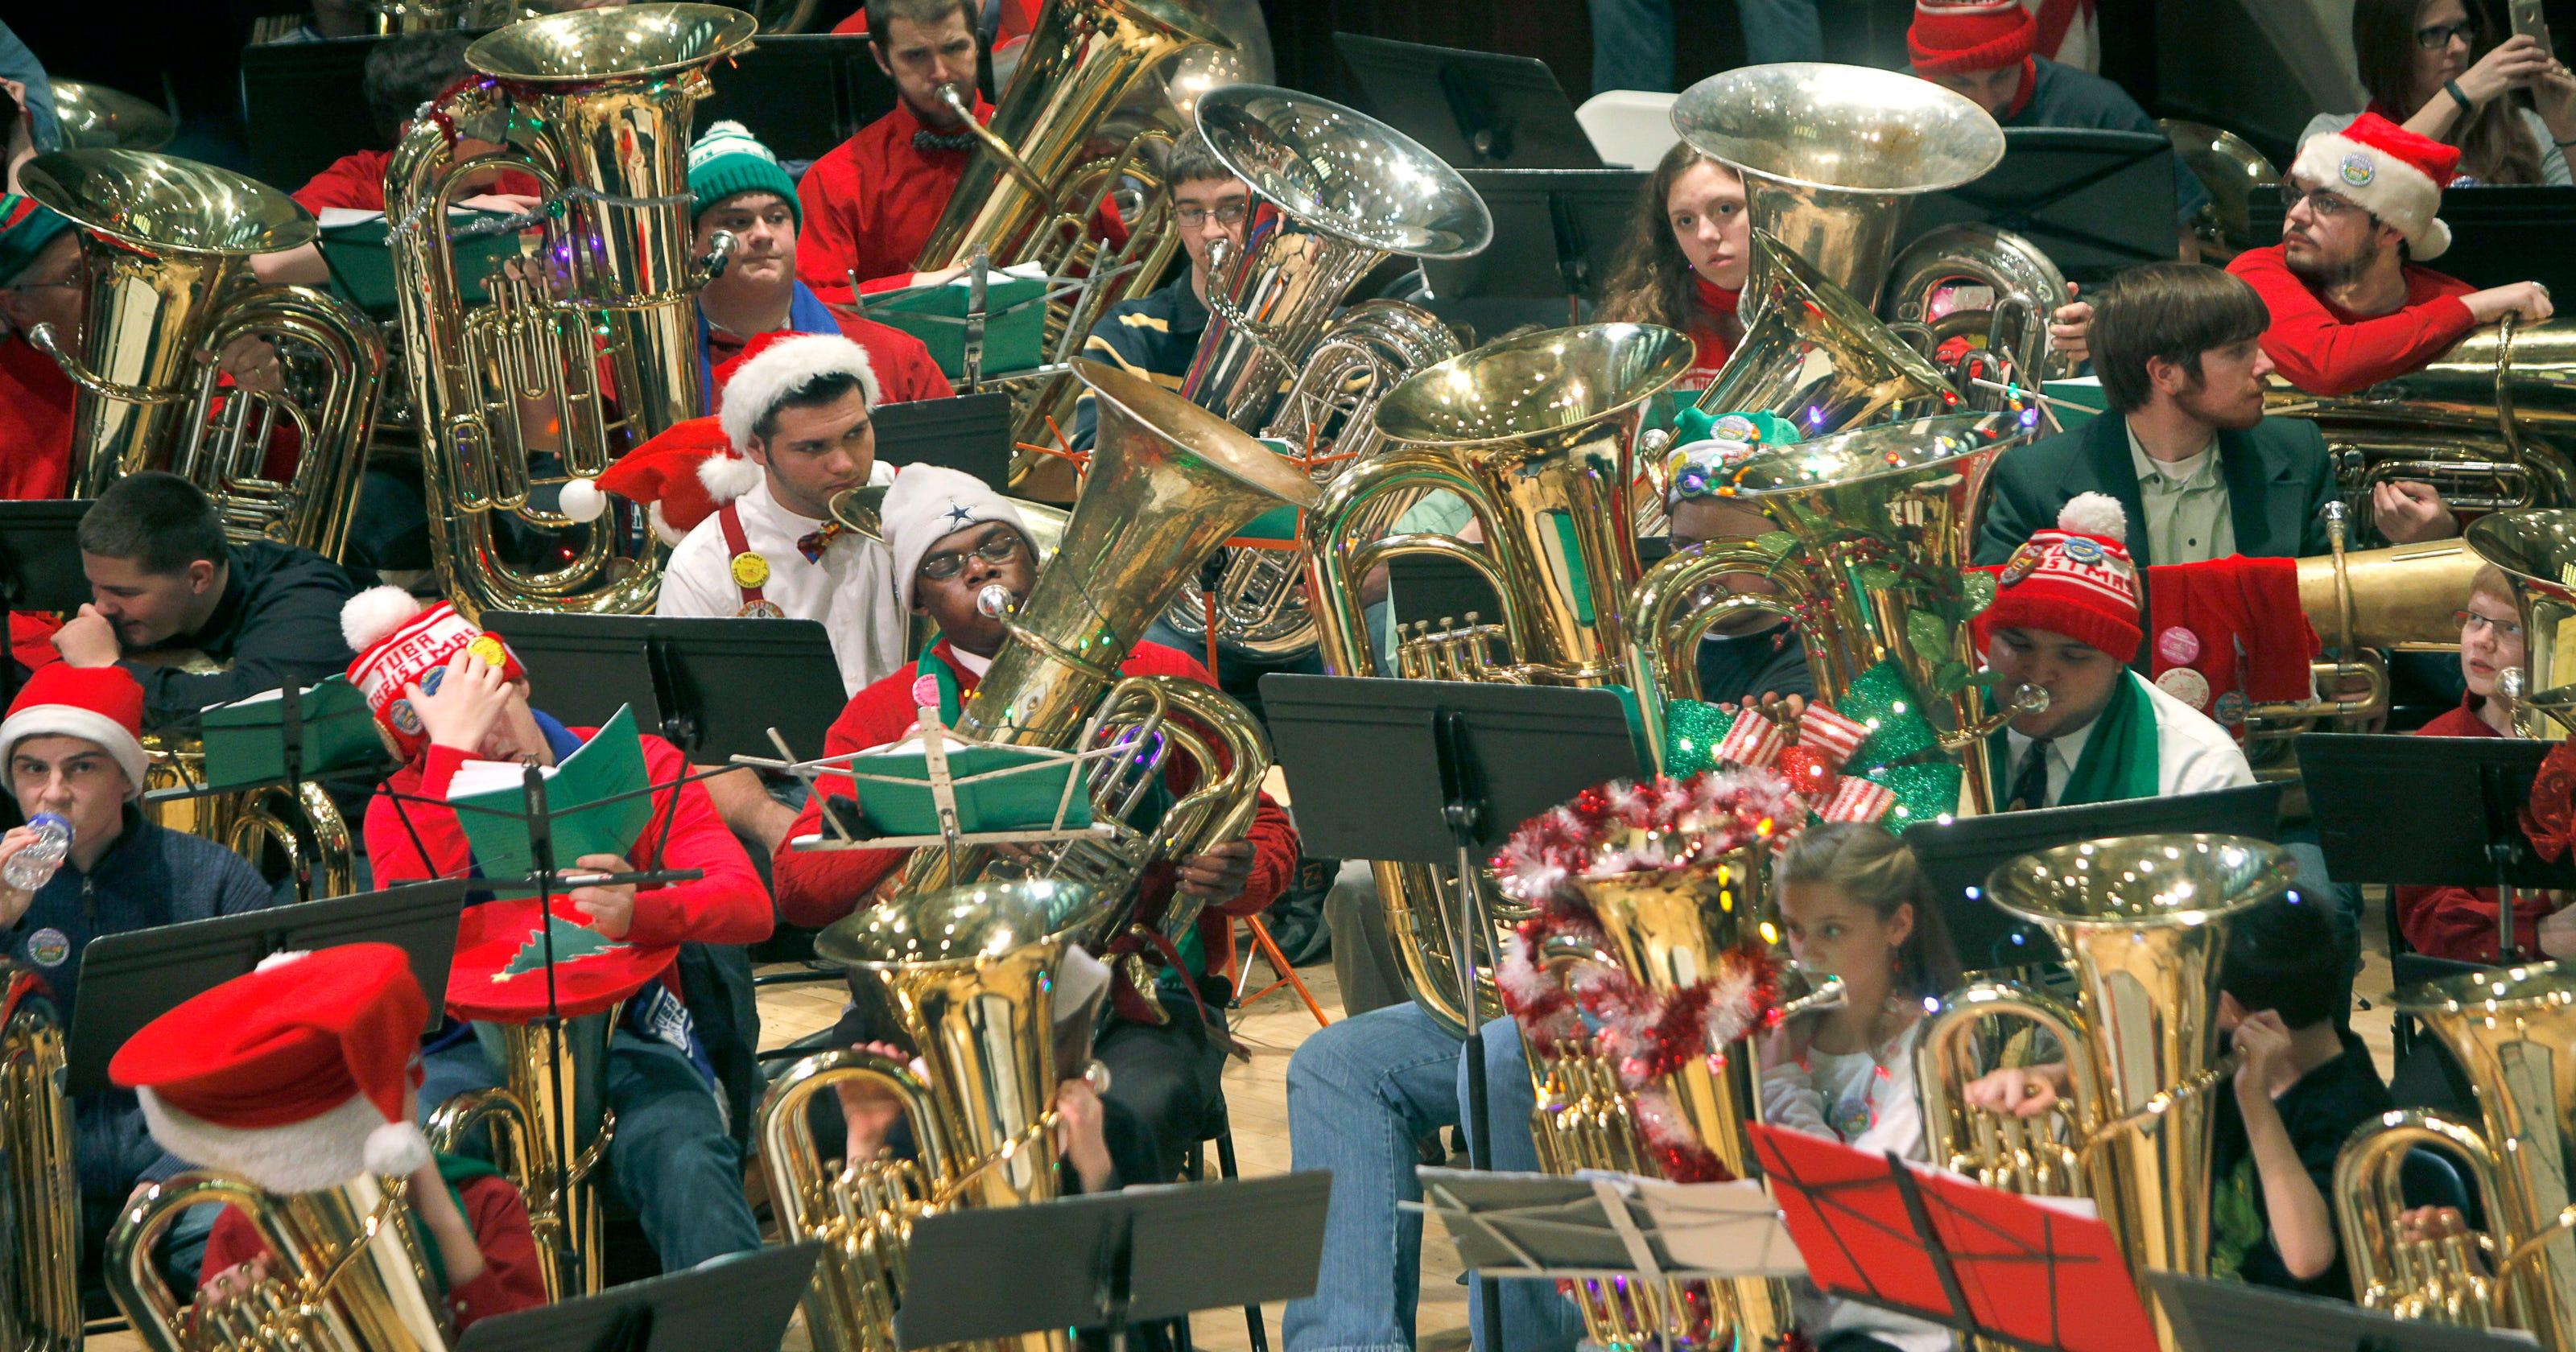 Tuba Christmas.Tuba Christmas A Tradition For Young And Old